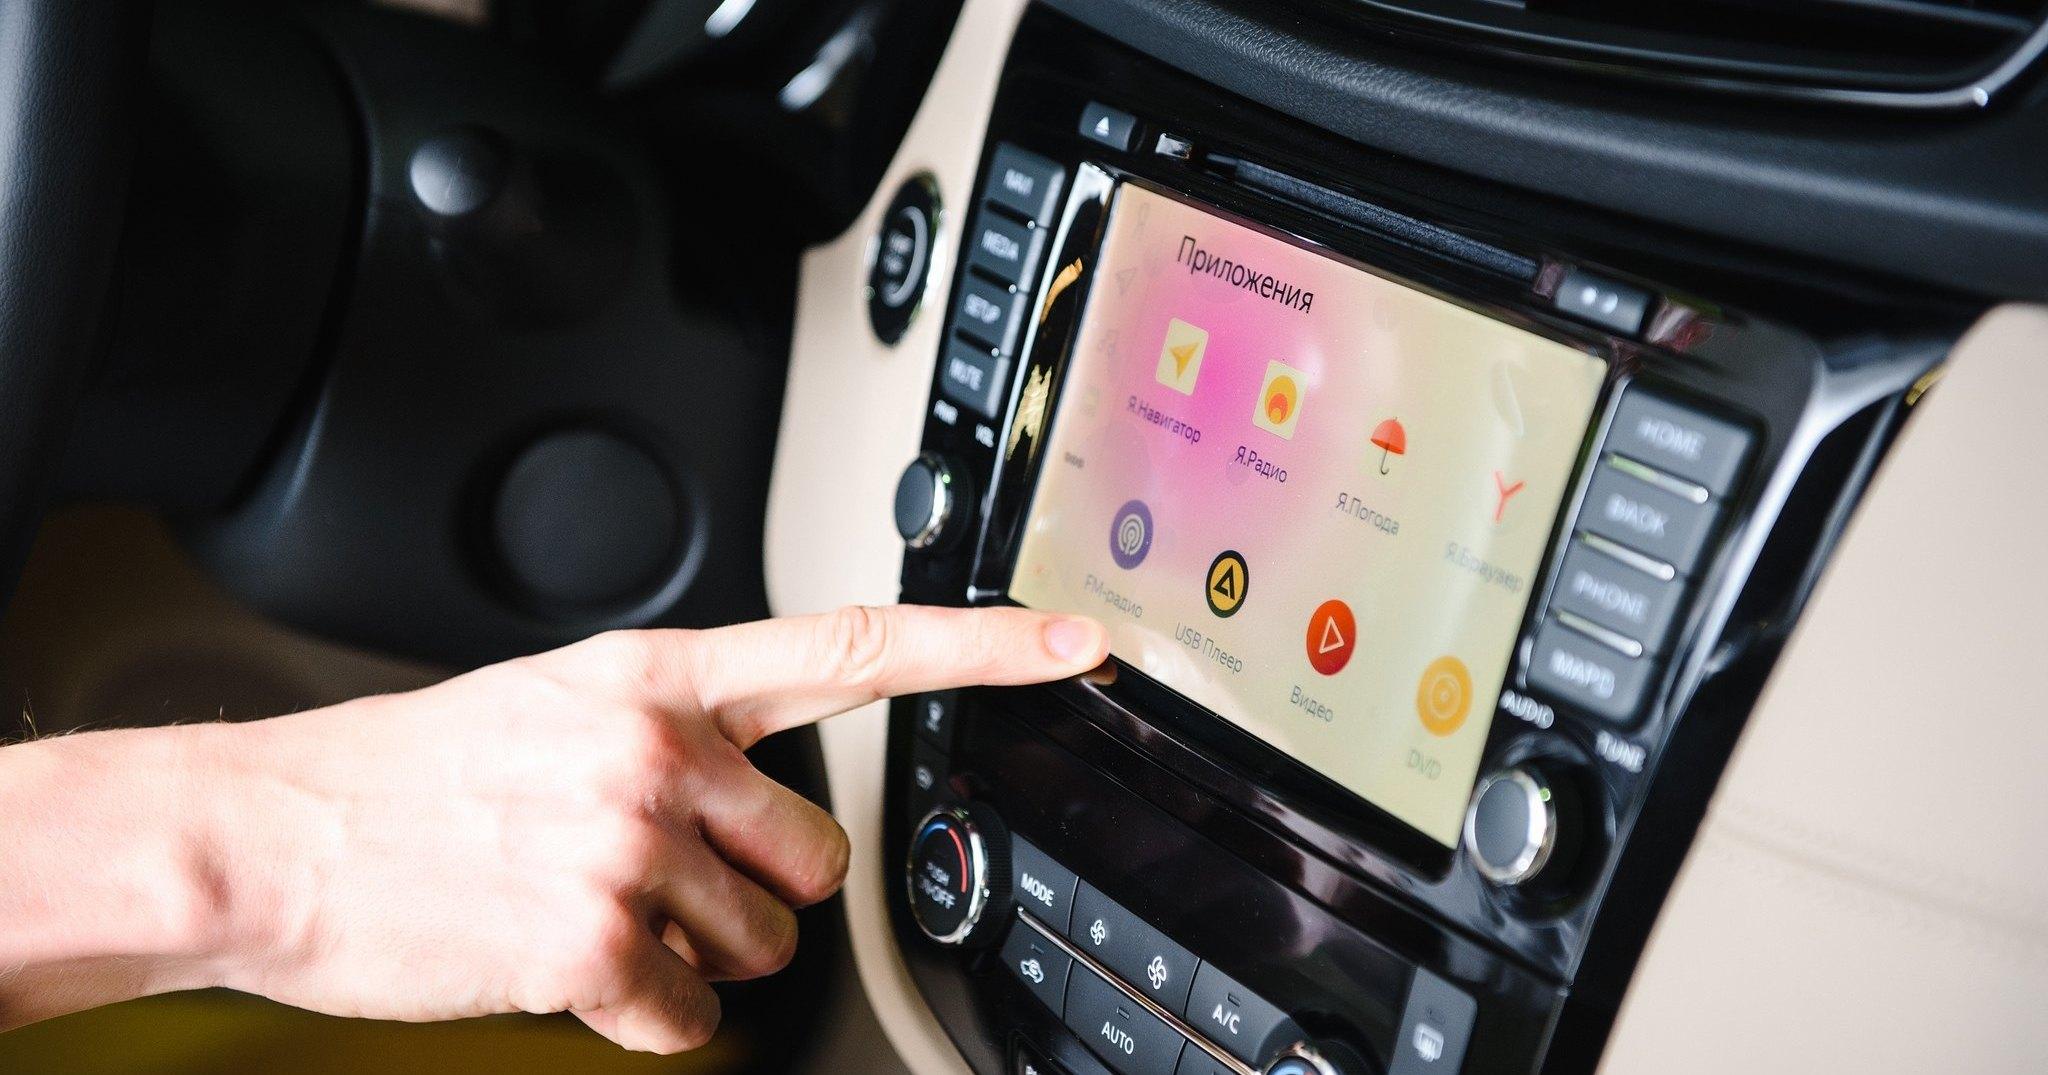 Сбербанк  сделает мультимедийную систему для автомобилей - 1